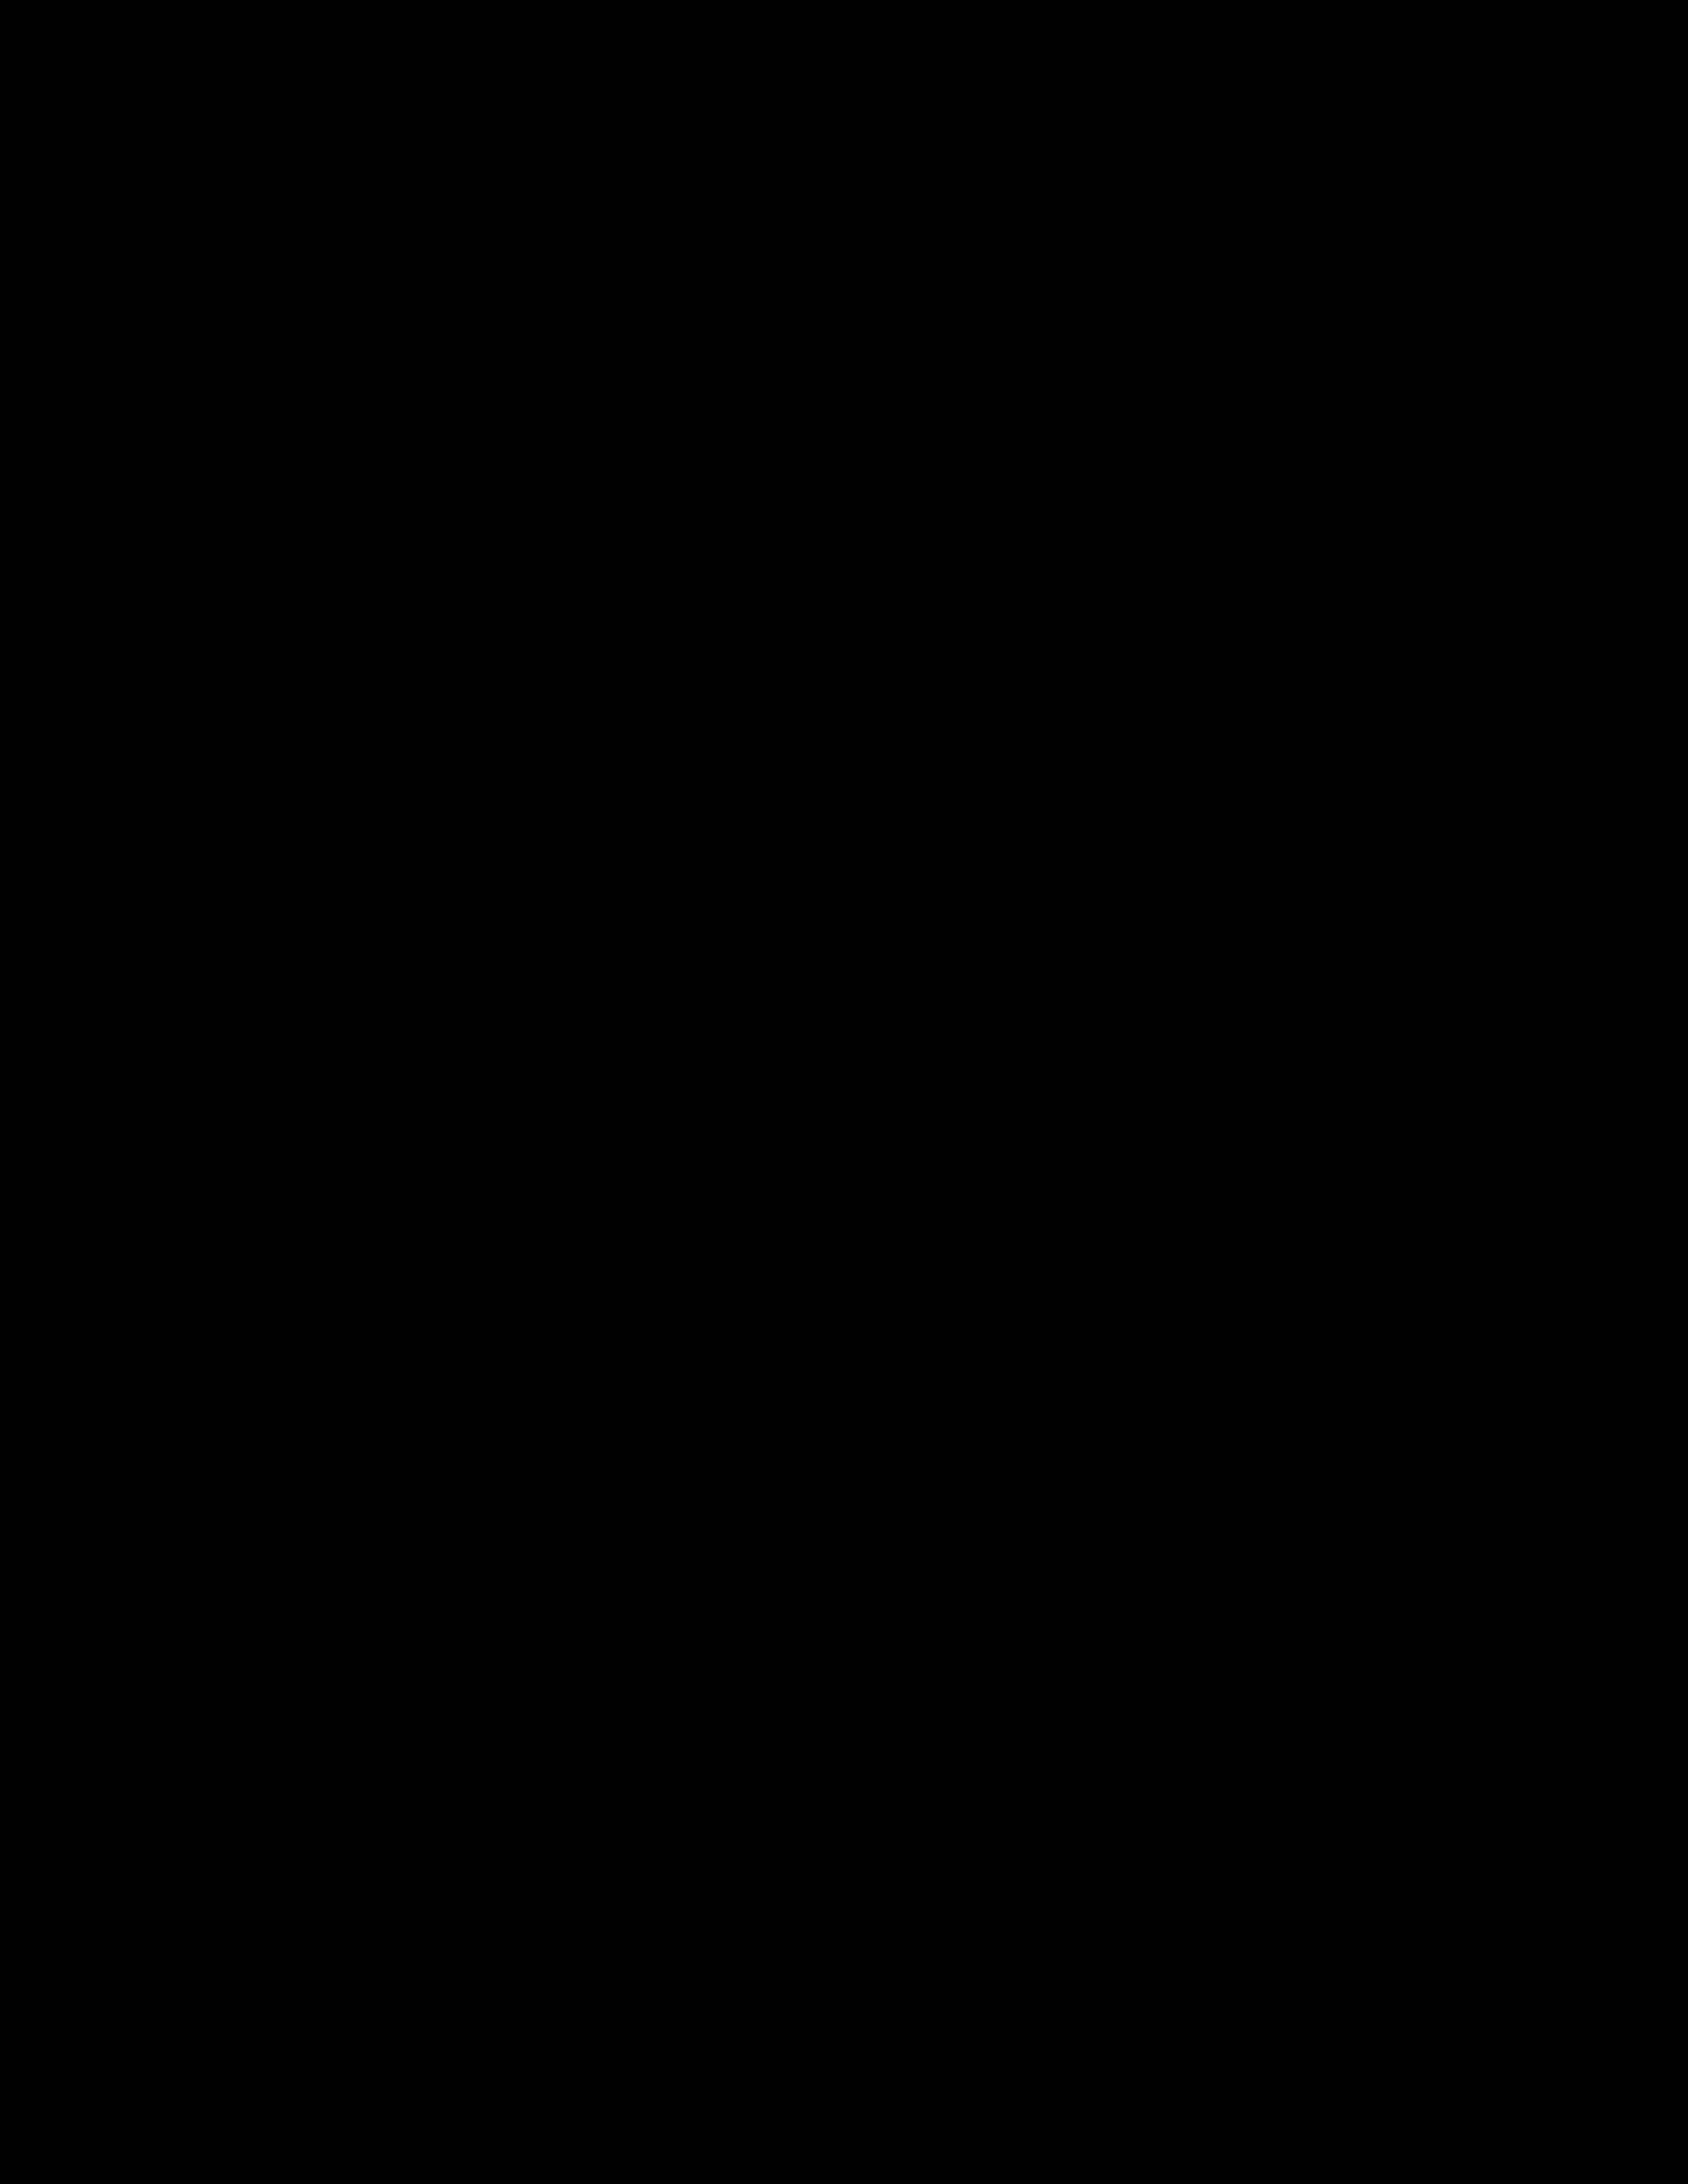 Pesiwa (pesiwap) on pinterest.